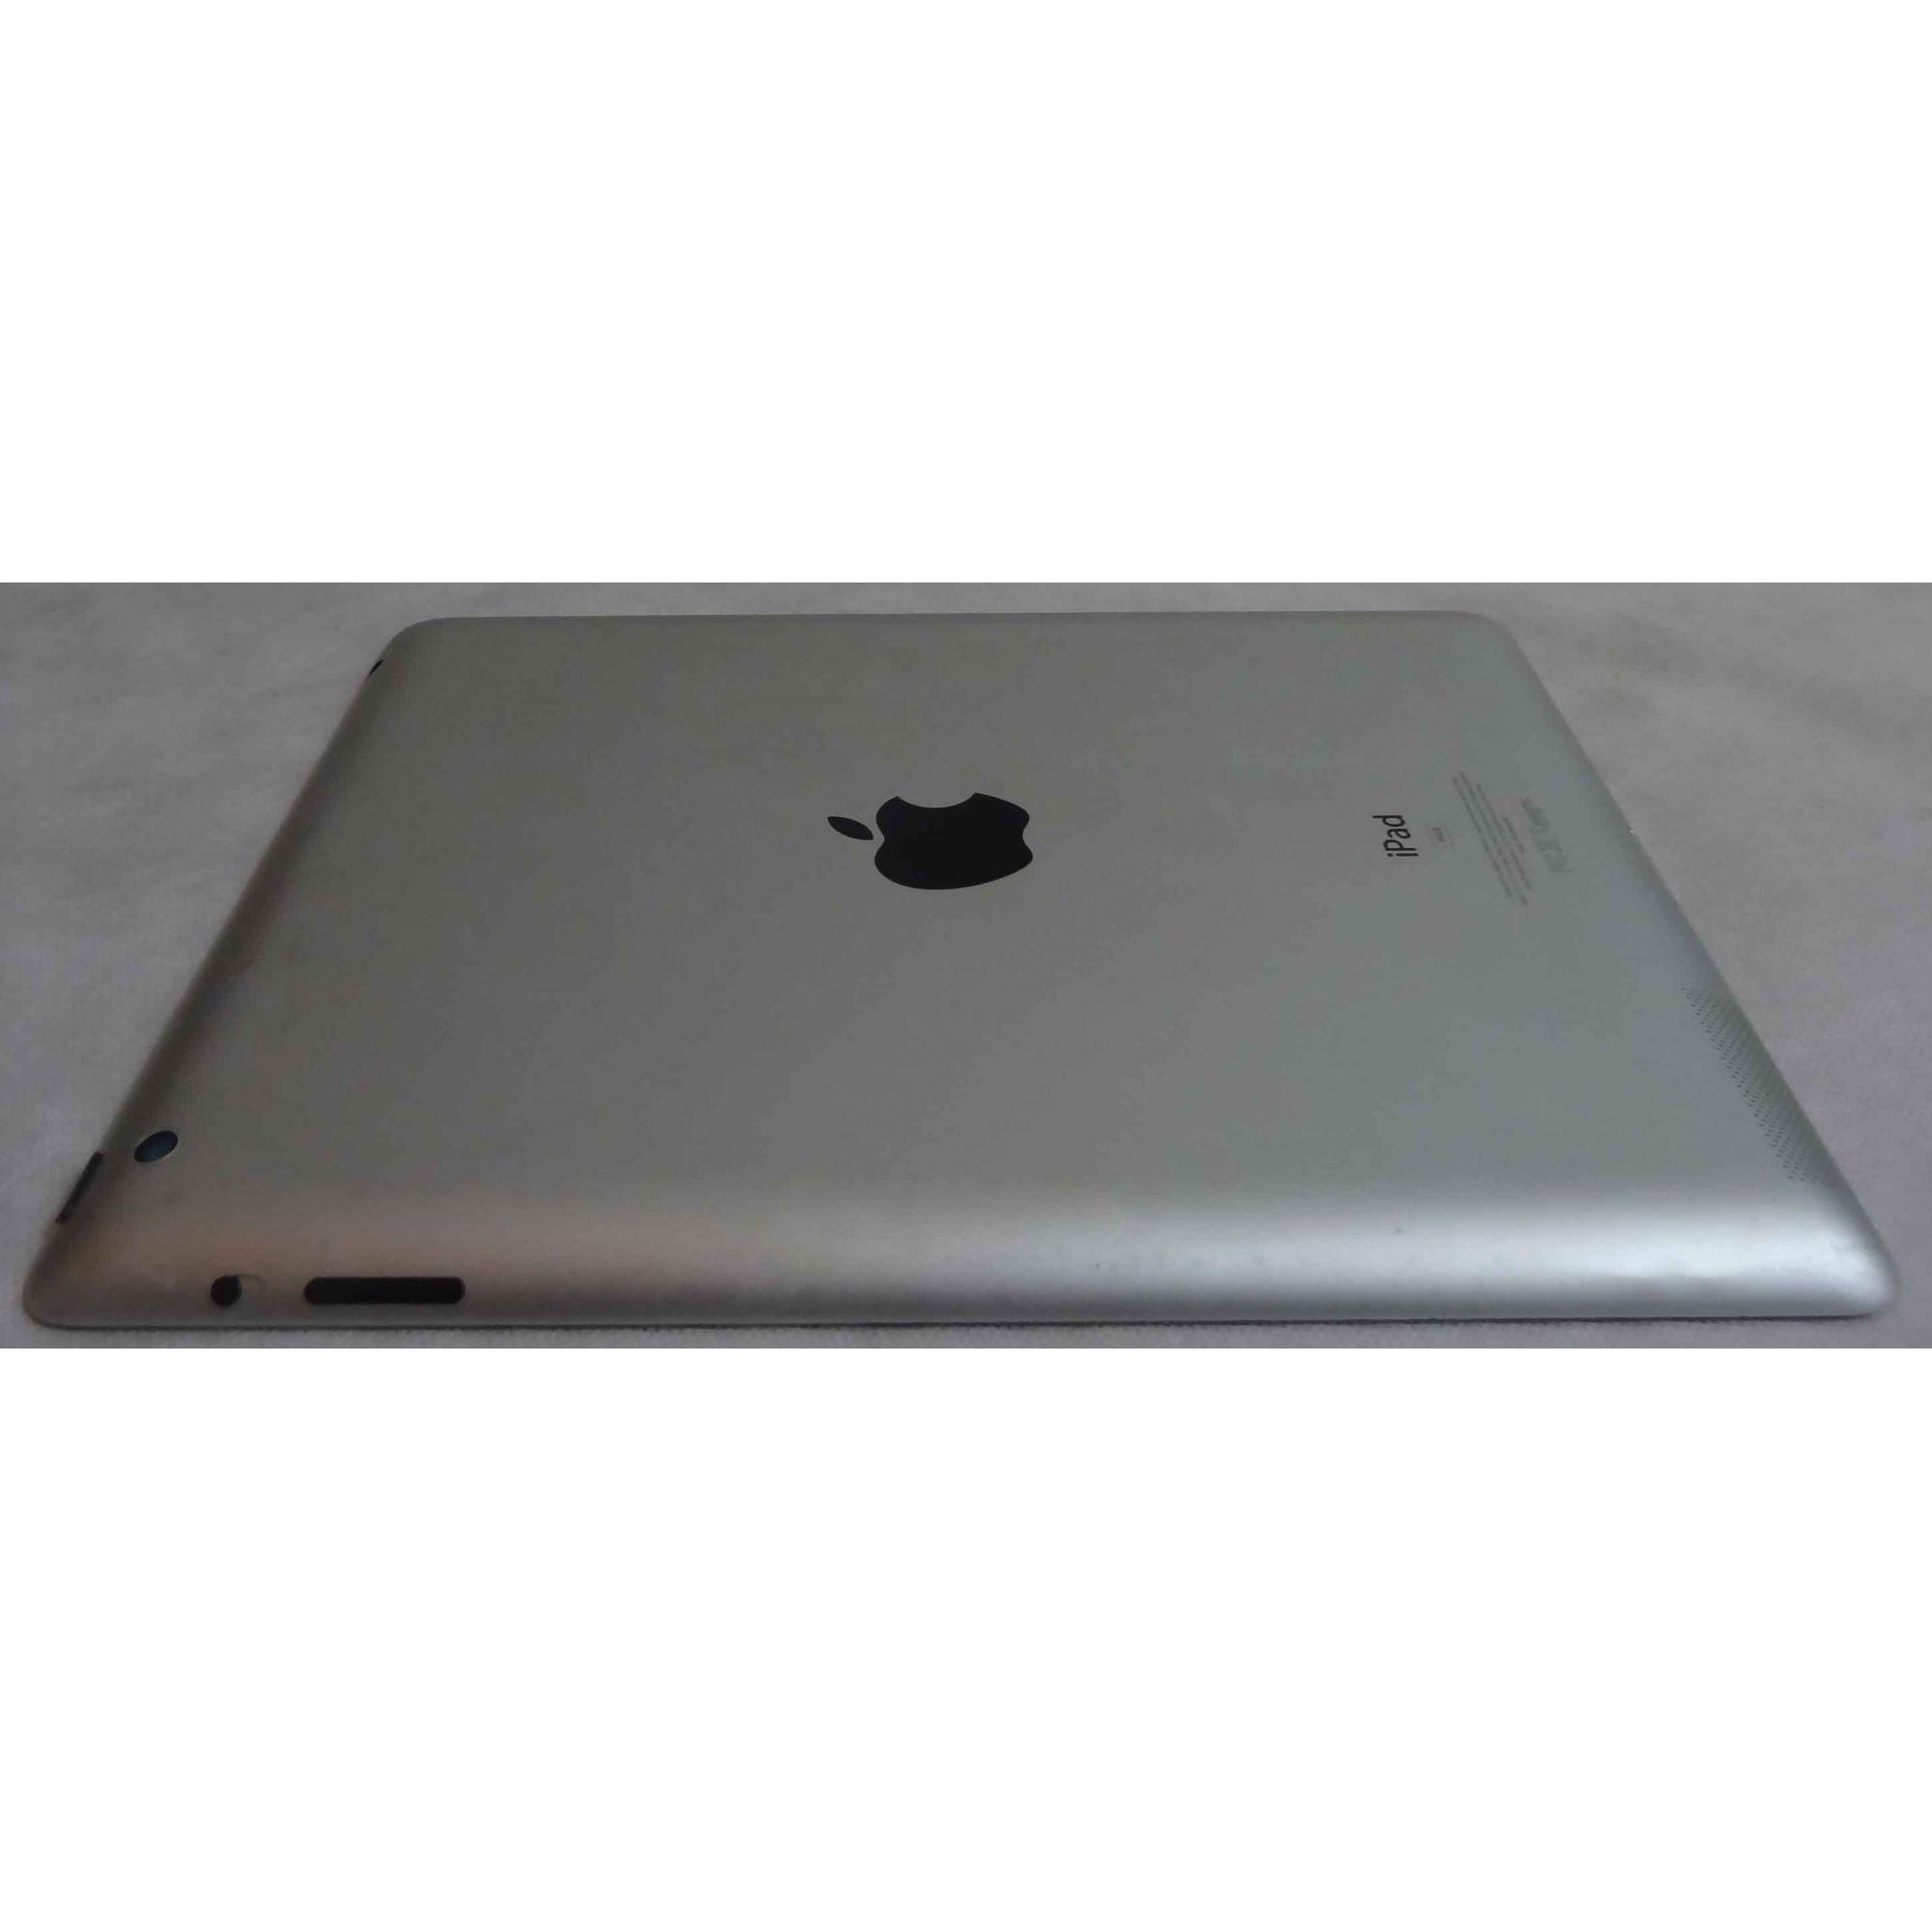 iPad 2 MC705BR/A 9.7'' Wifi, 16GB - Preto